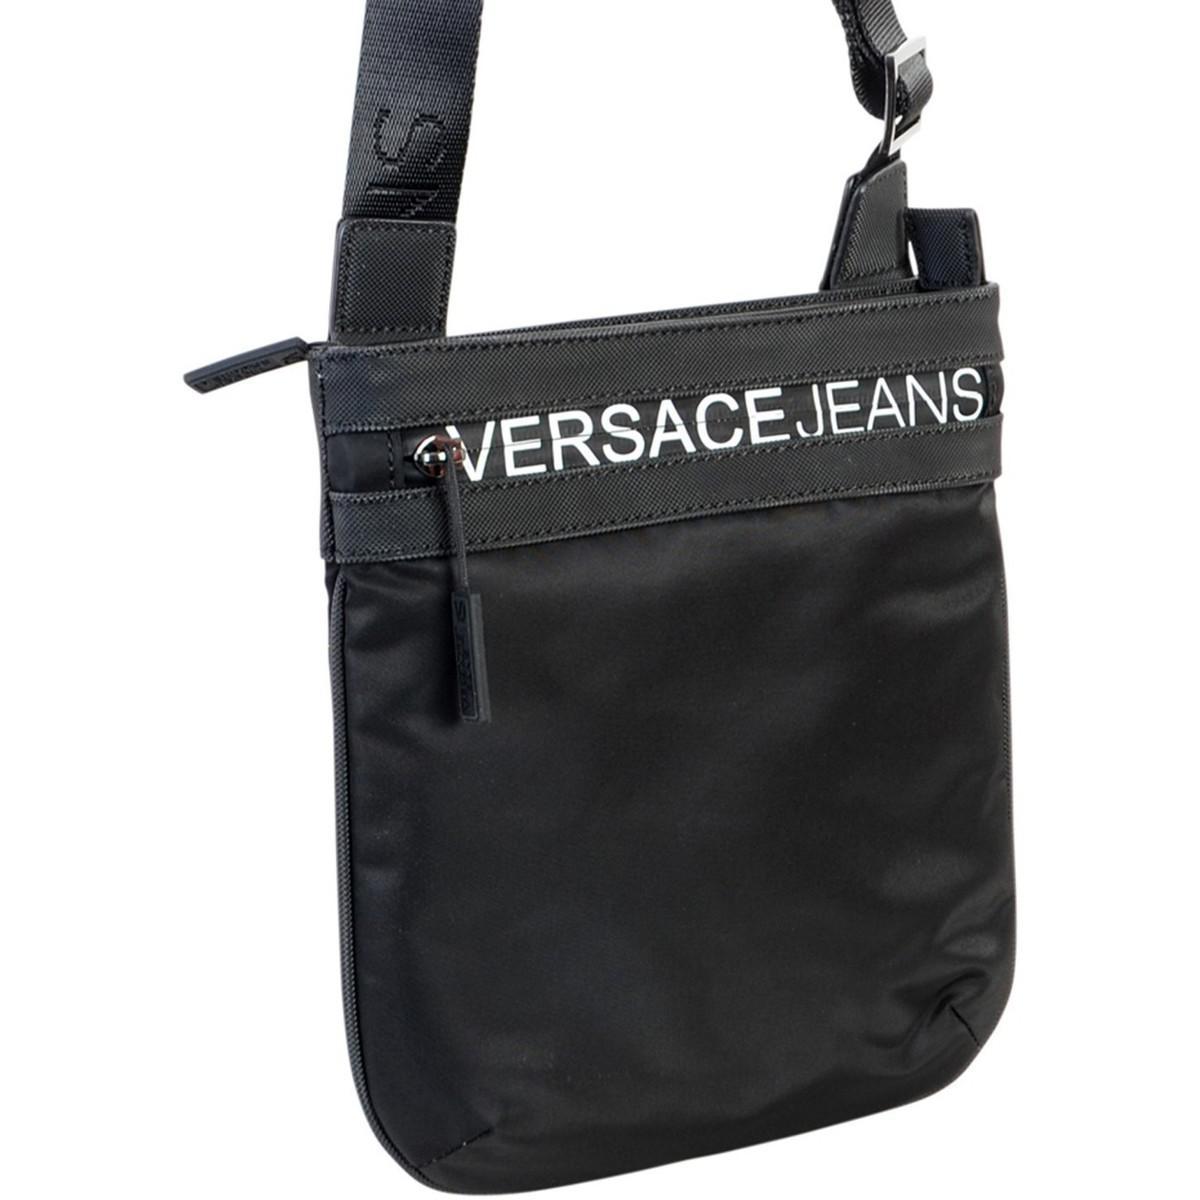 f73b24255f Sacoche Linea Macrologo Dis 5 hommes Sacoche en Noir Versace Jeans ...